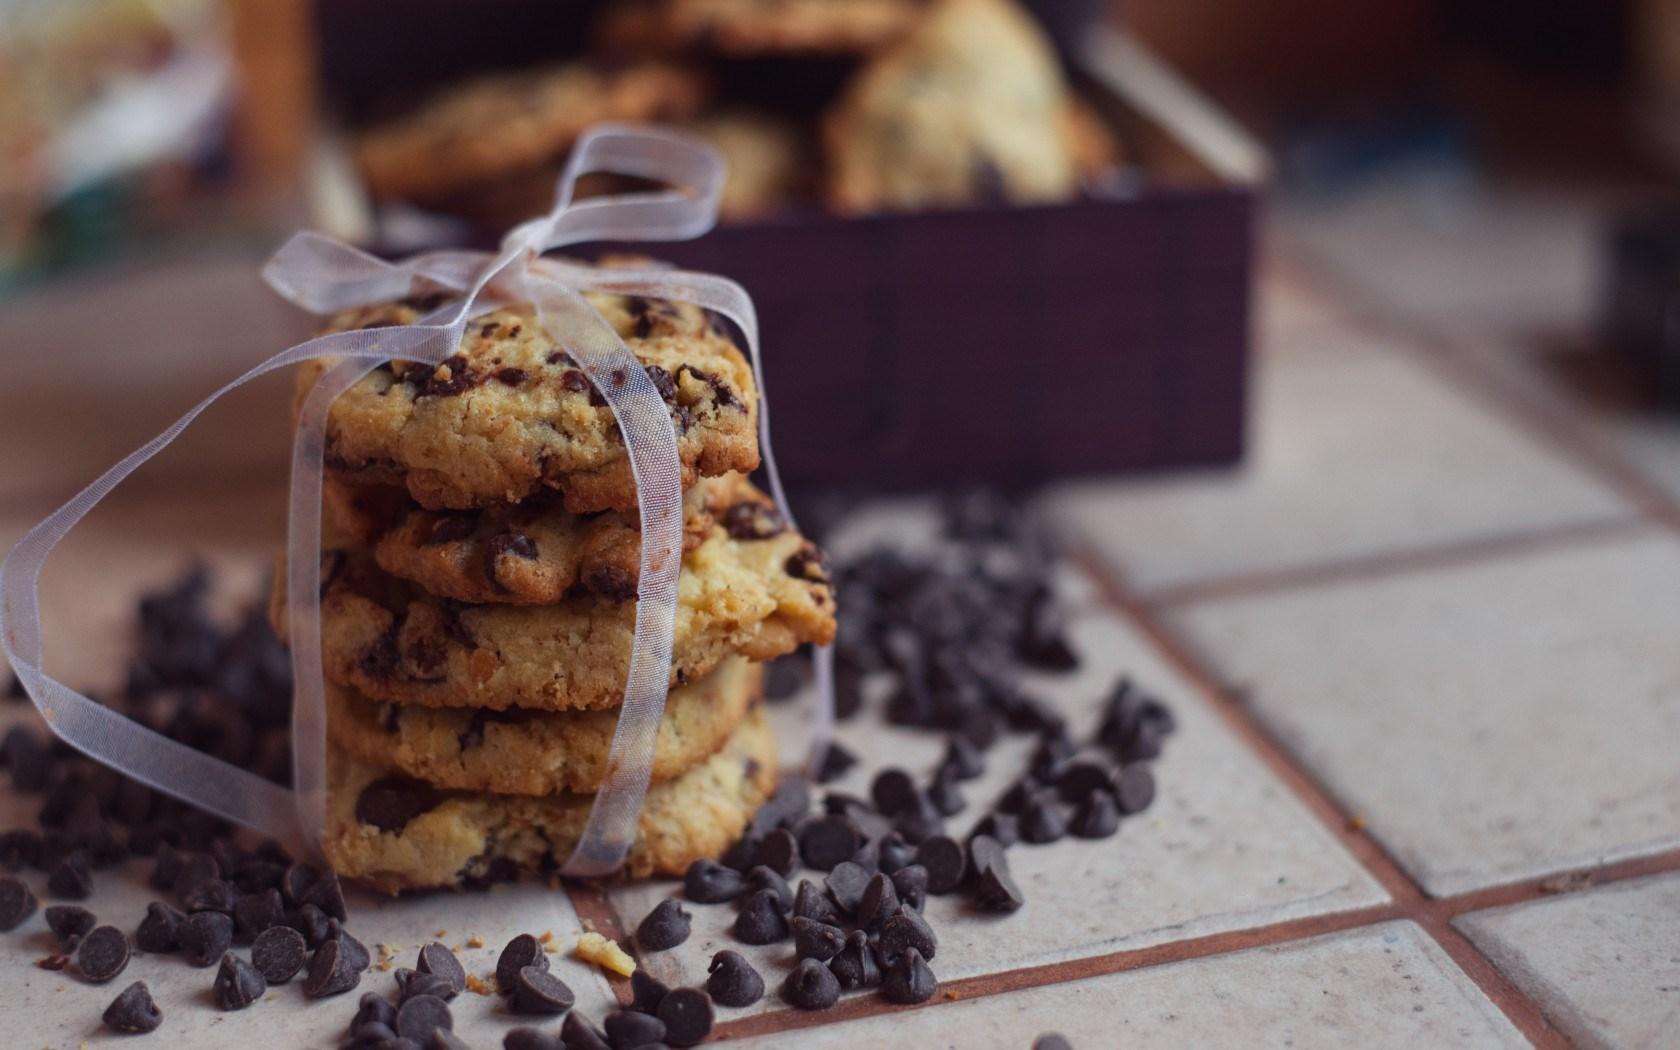 картинки на рабочий стол с печеньками этом красивом